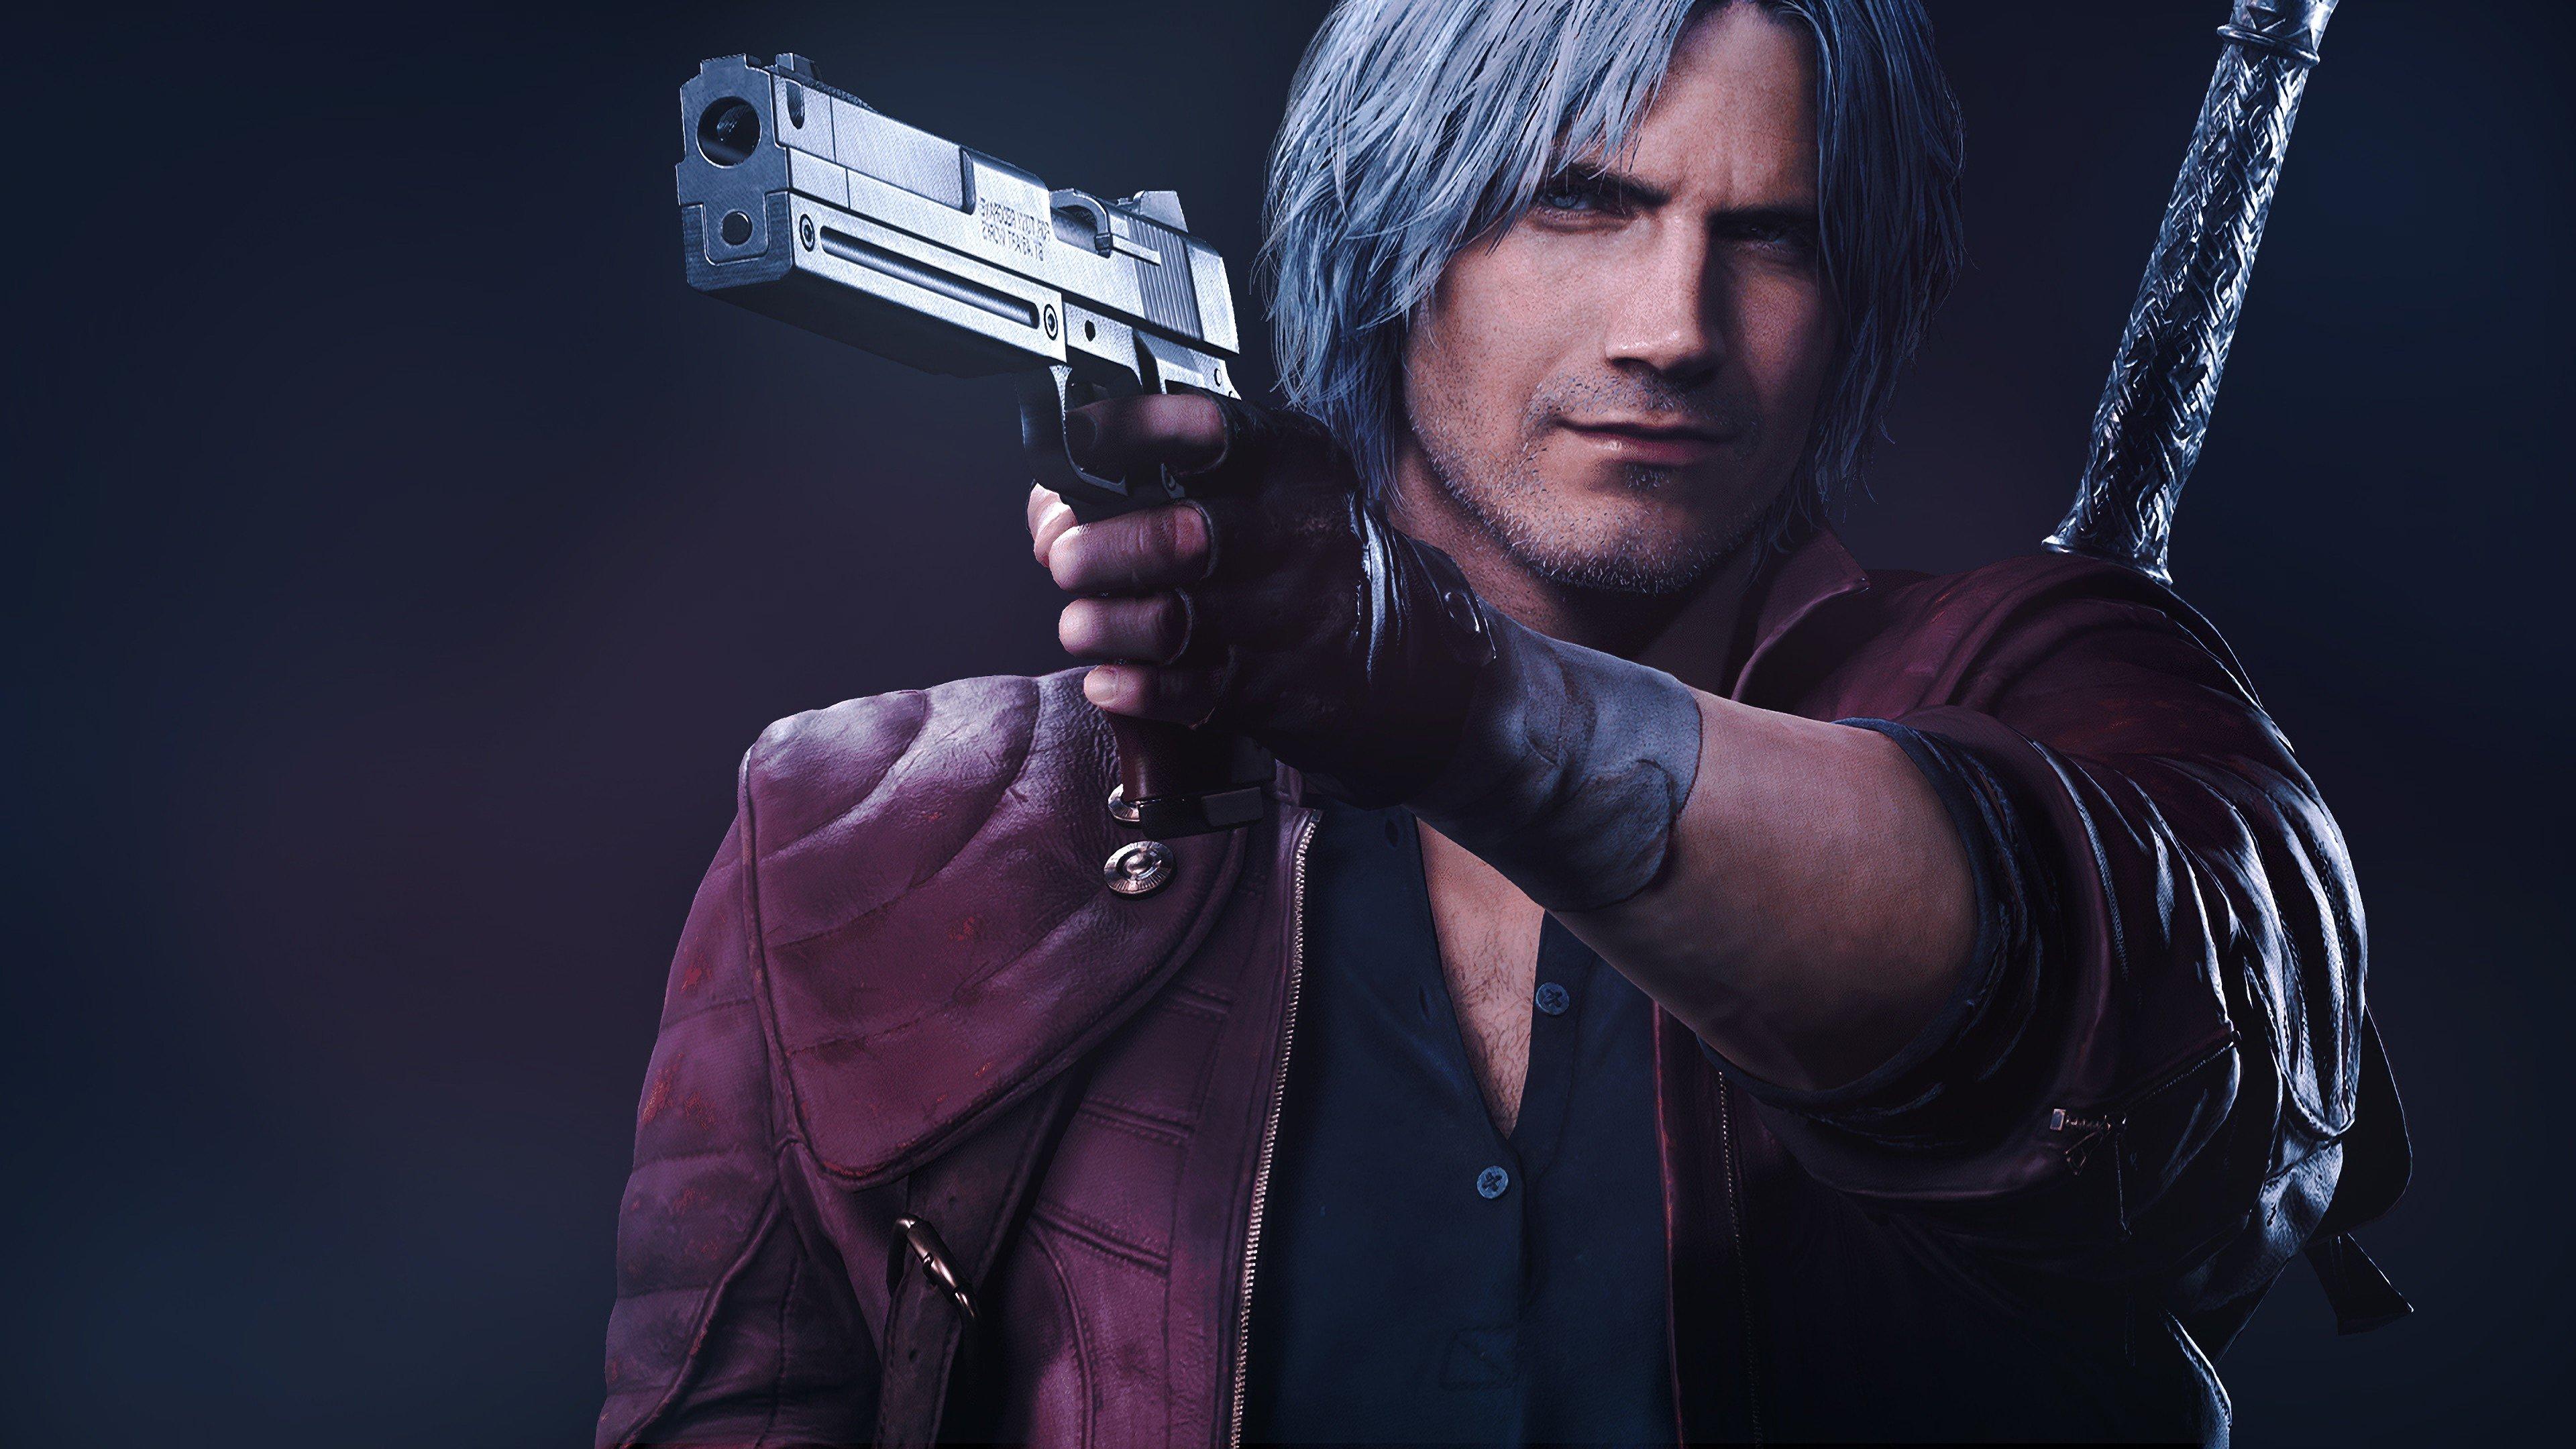 Fondos de pantalla Dante de Devil May Cry 5